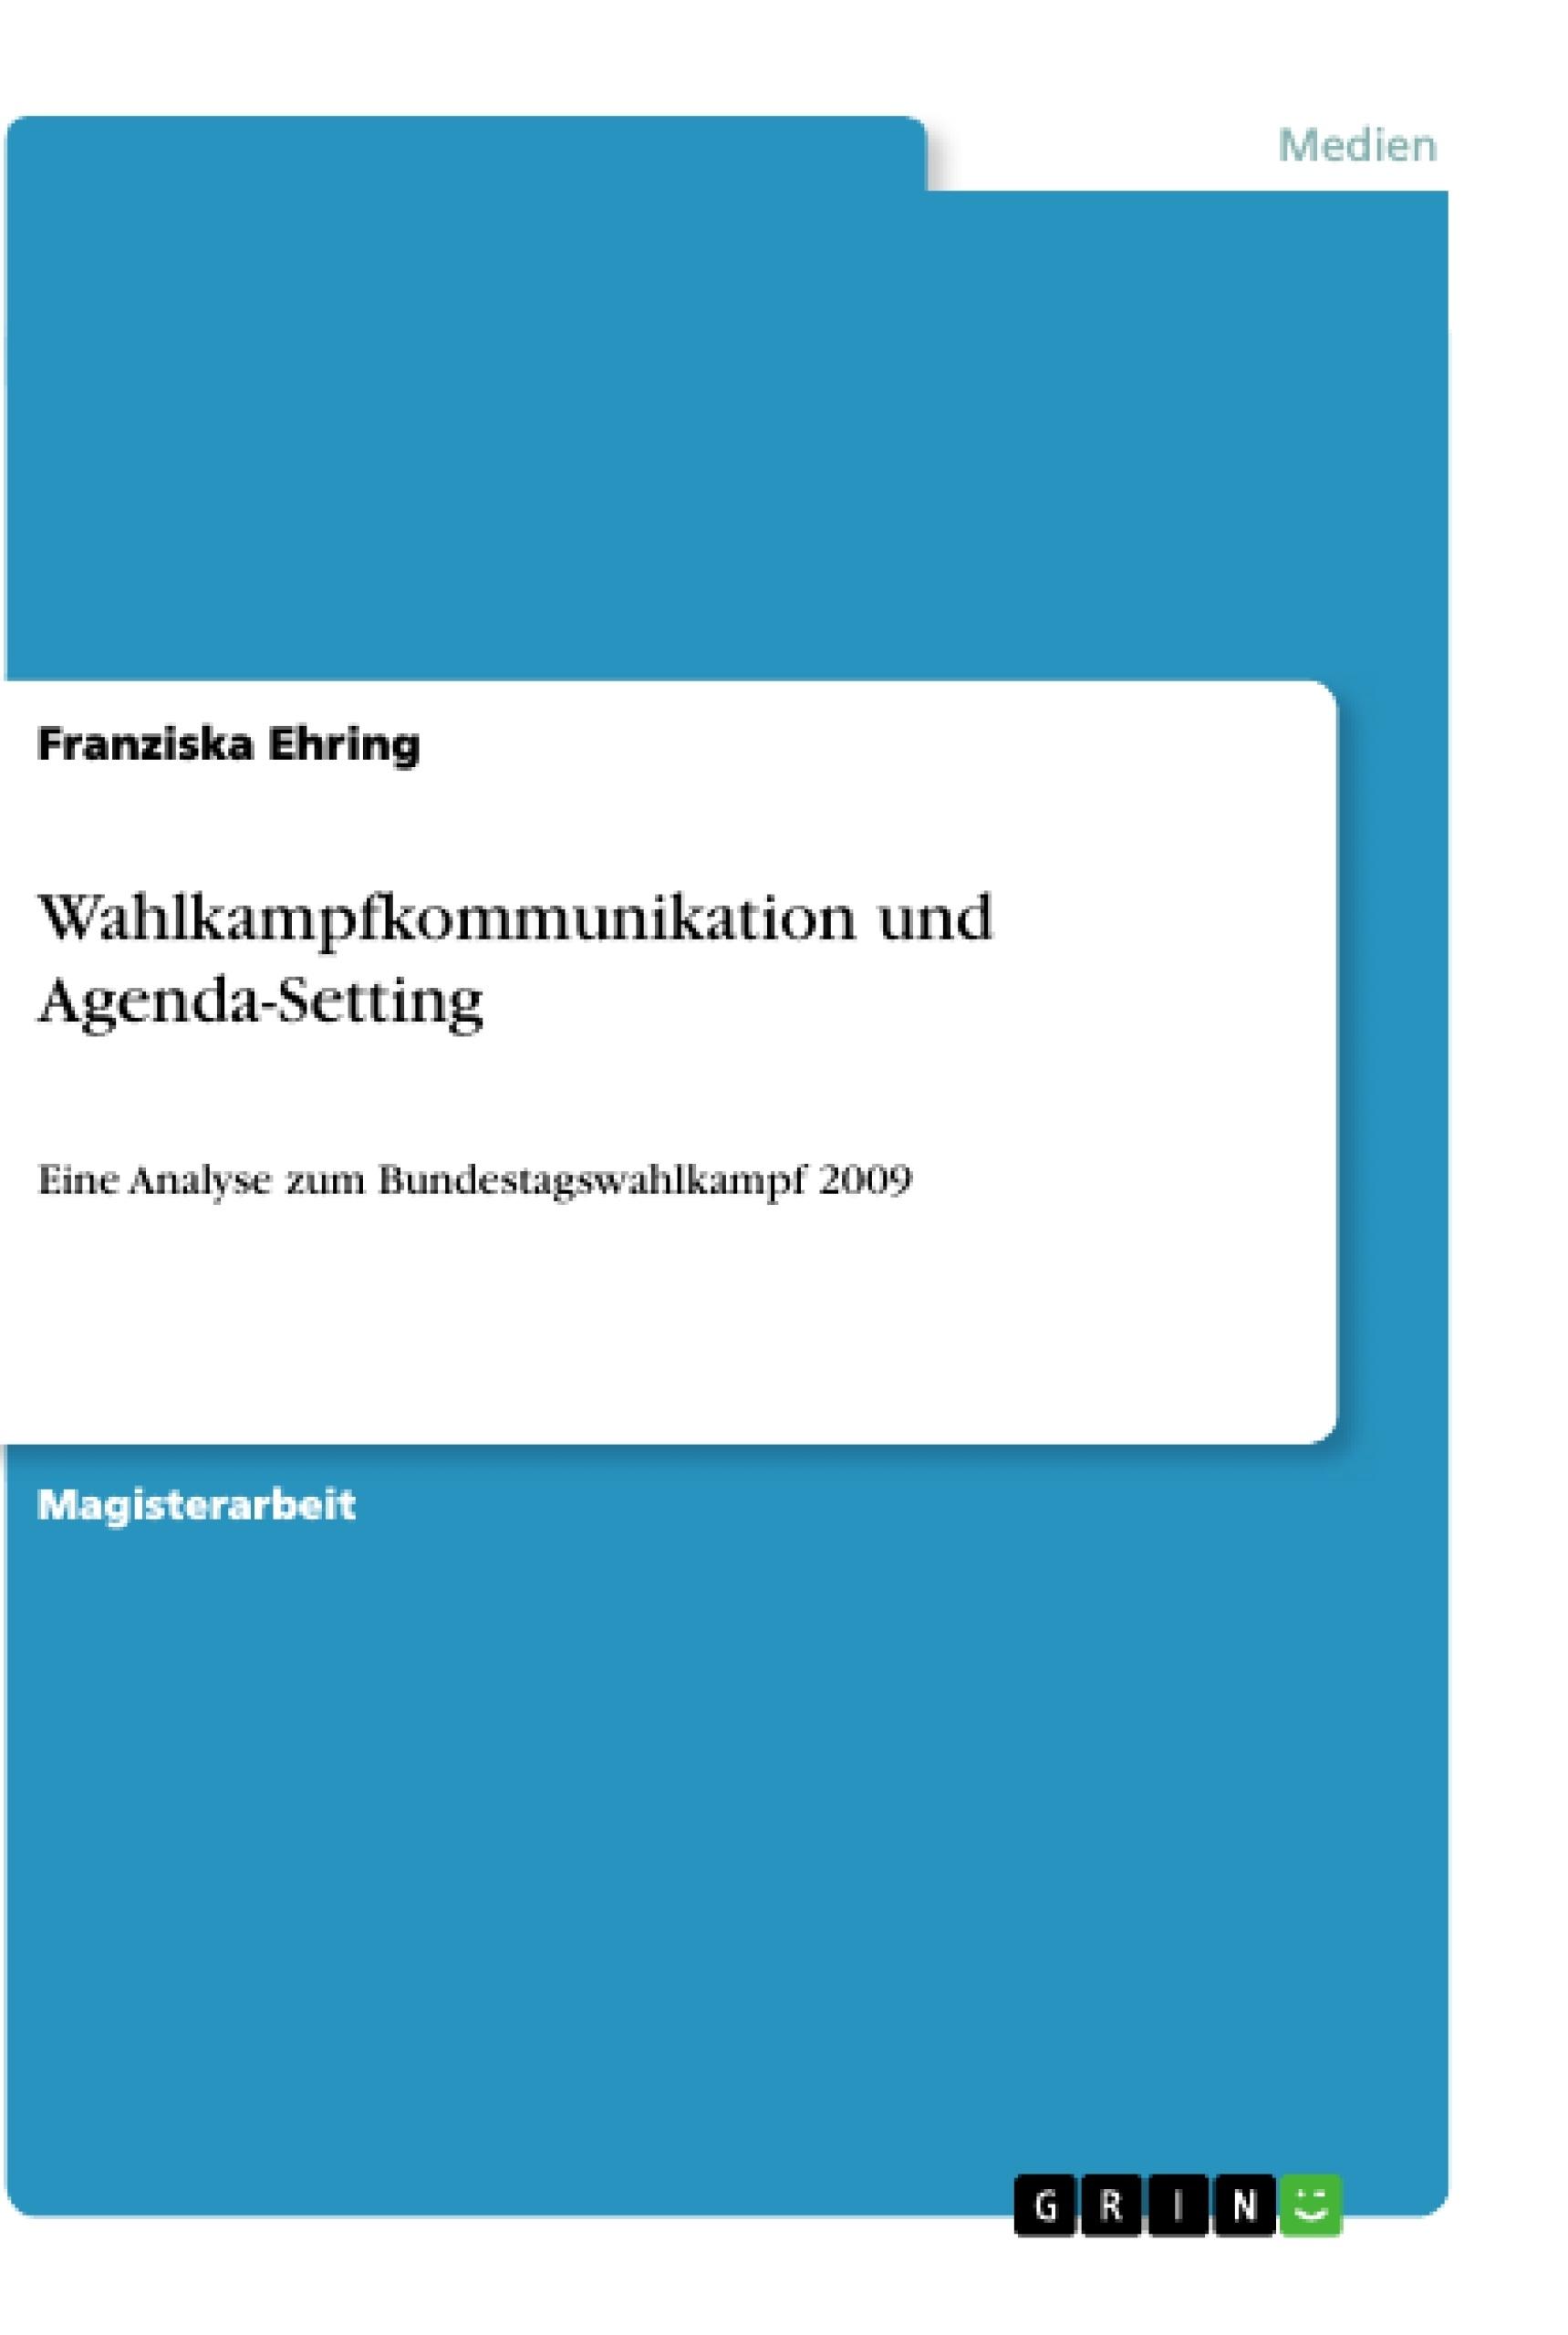 Titel: Wahlkampfkommunikation und Agenda-Setting